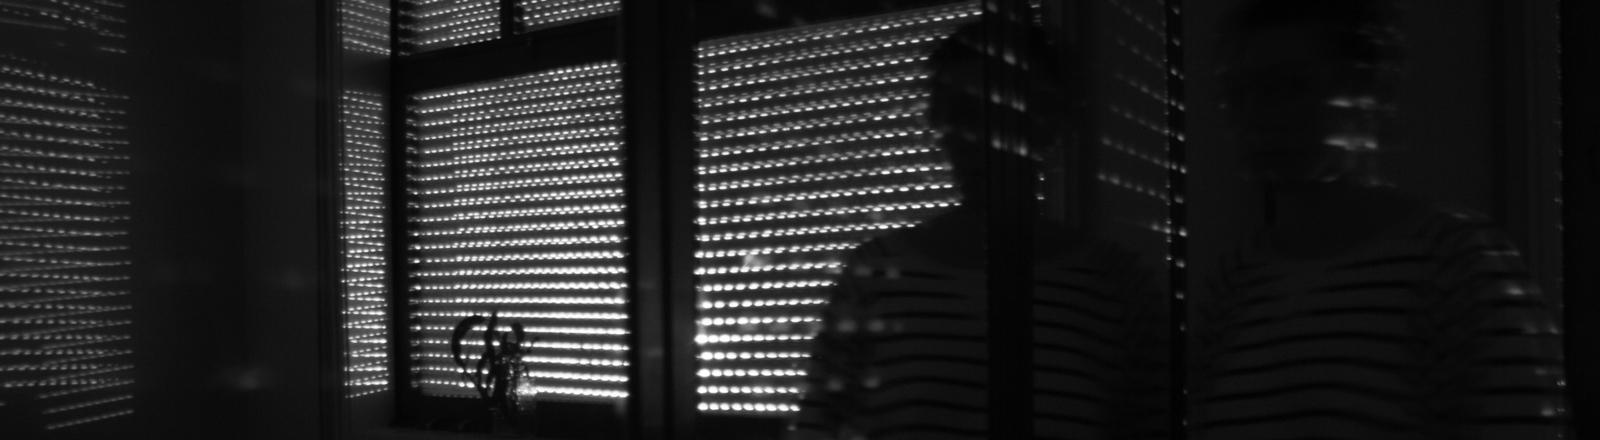 Eine Person setht in einem verdunkelten Raum.